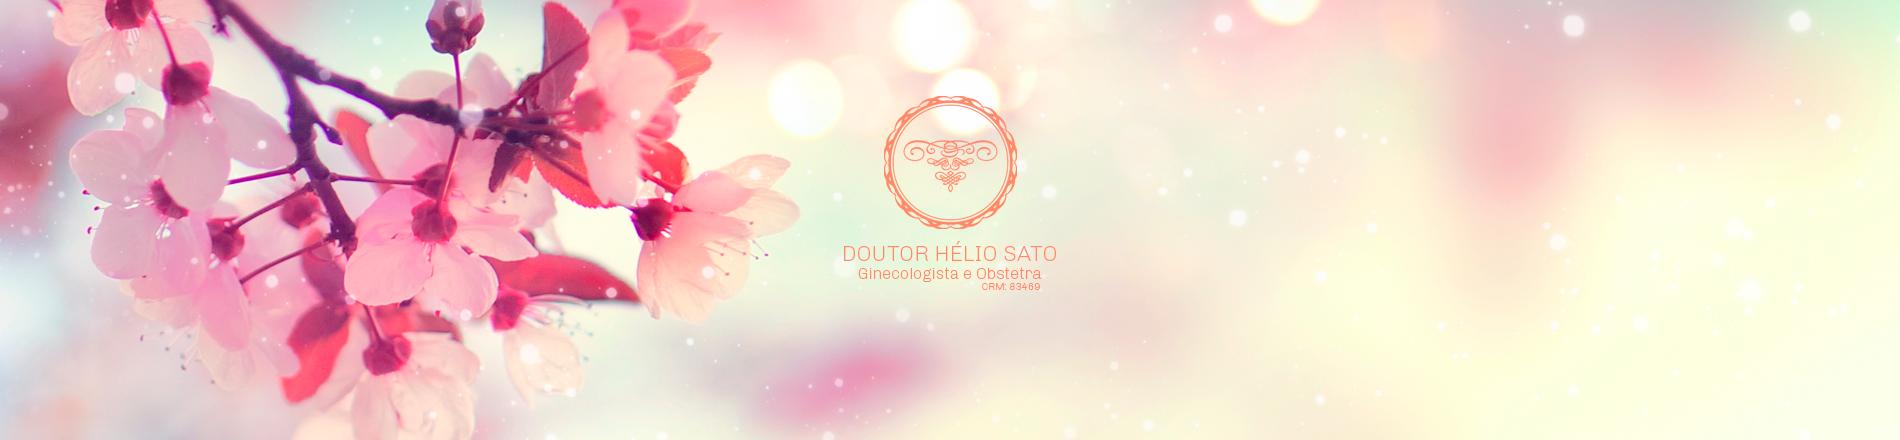 Doutor Hélio Sato, médico ginecologista e obstetra, especializado em Endomtriose.